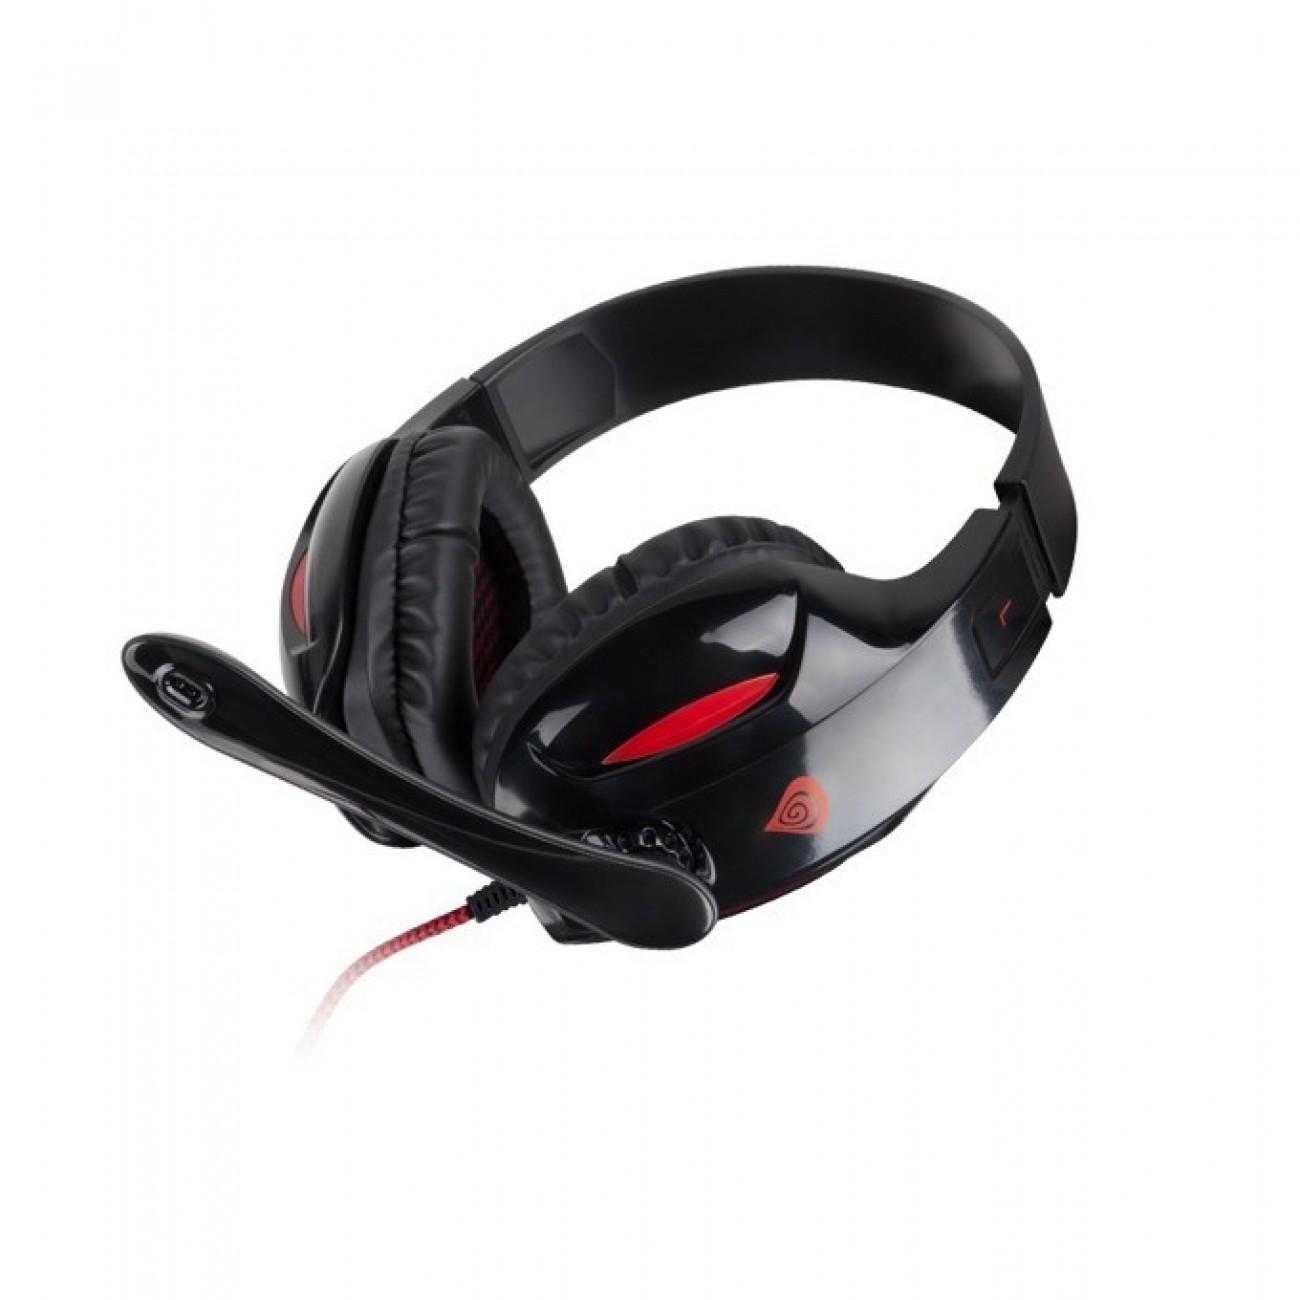 Слушалки Natec Genesis H44 (981-000575), геймърски, микрофон, черни с червена сърцевина в Слушалки -  | Alleop